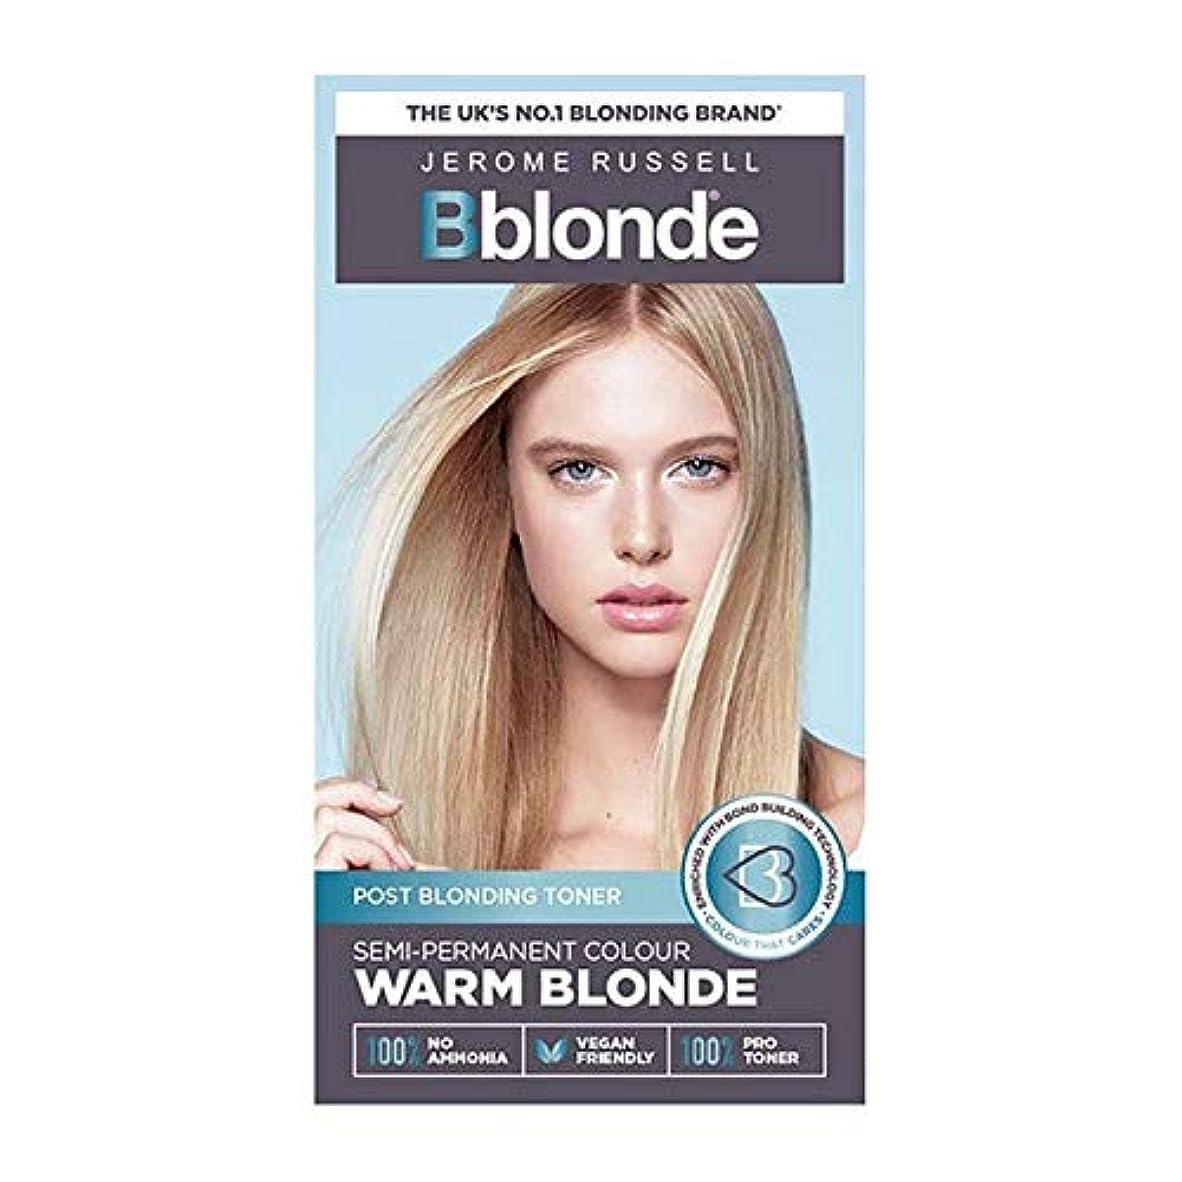 浅いスペクトラム自明[Jerome Russell ] ジェロームラッセルBblonde半恒久的なトナー暖かいブロンド - Jerome Russell Bblonde Semi Permanent Toner Warm Blonde [並行輸入品]